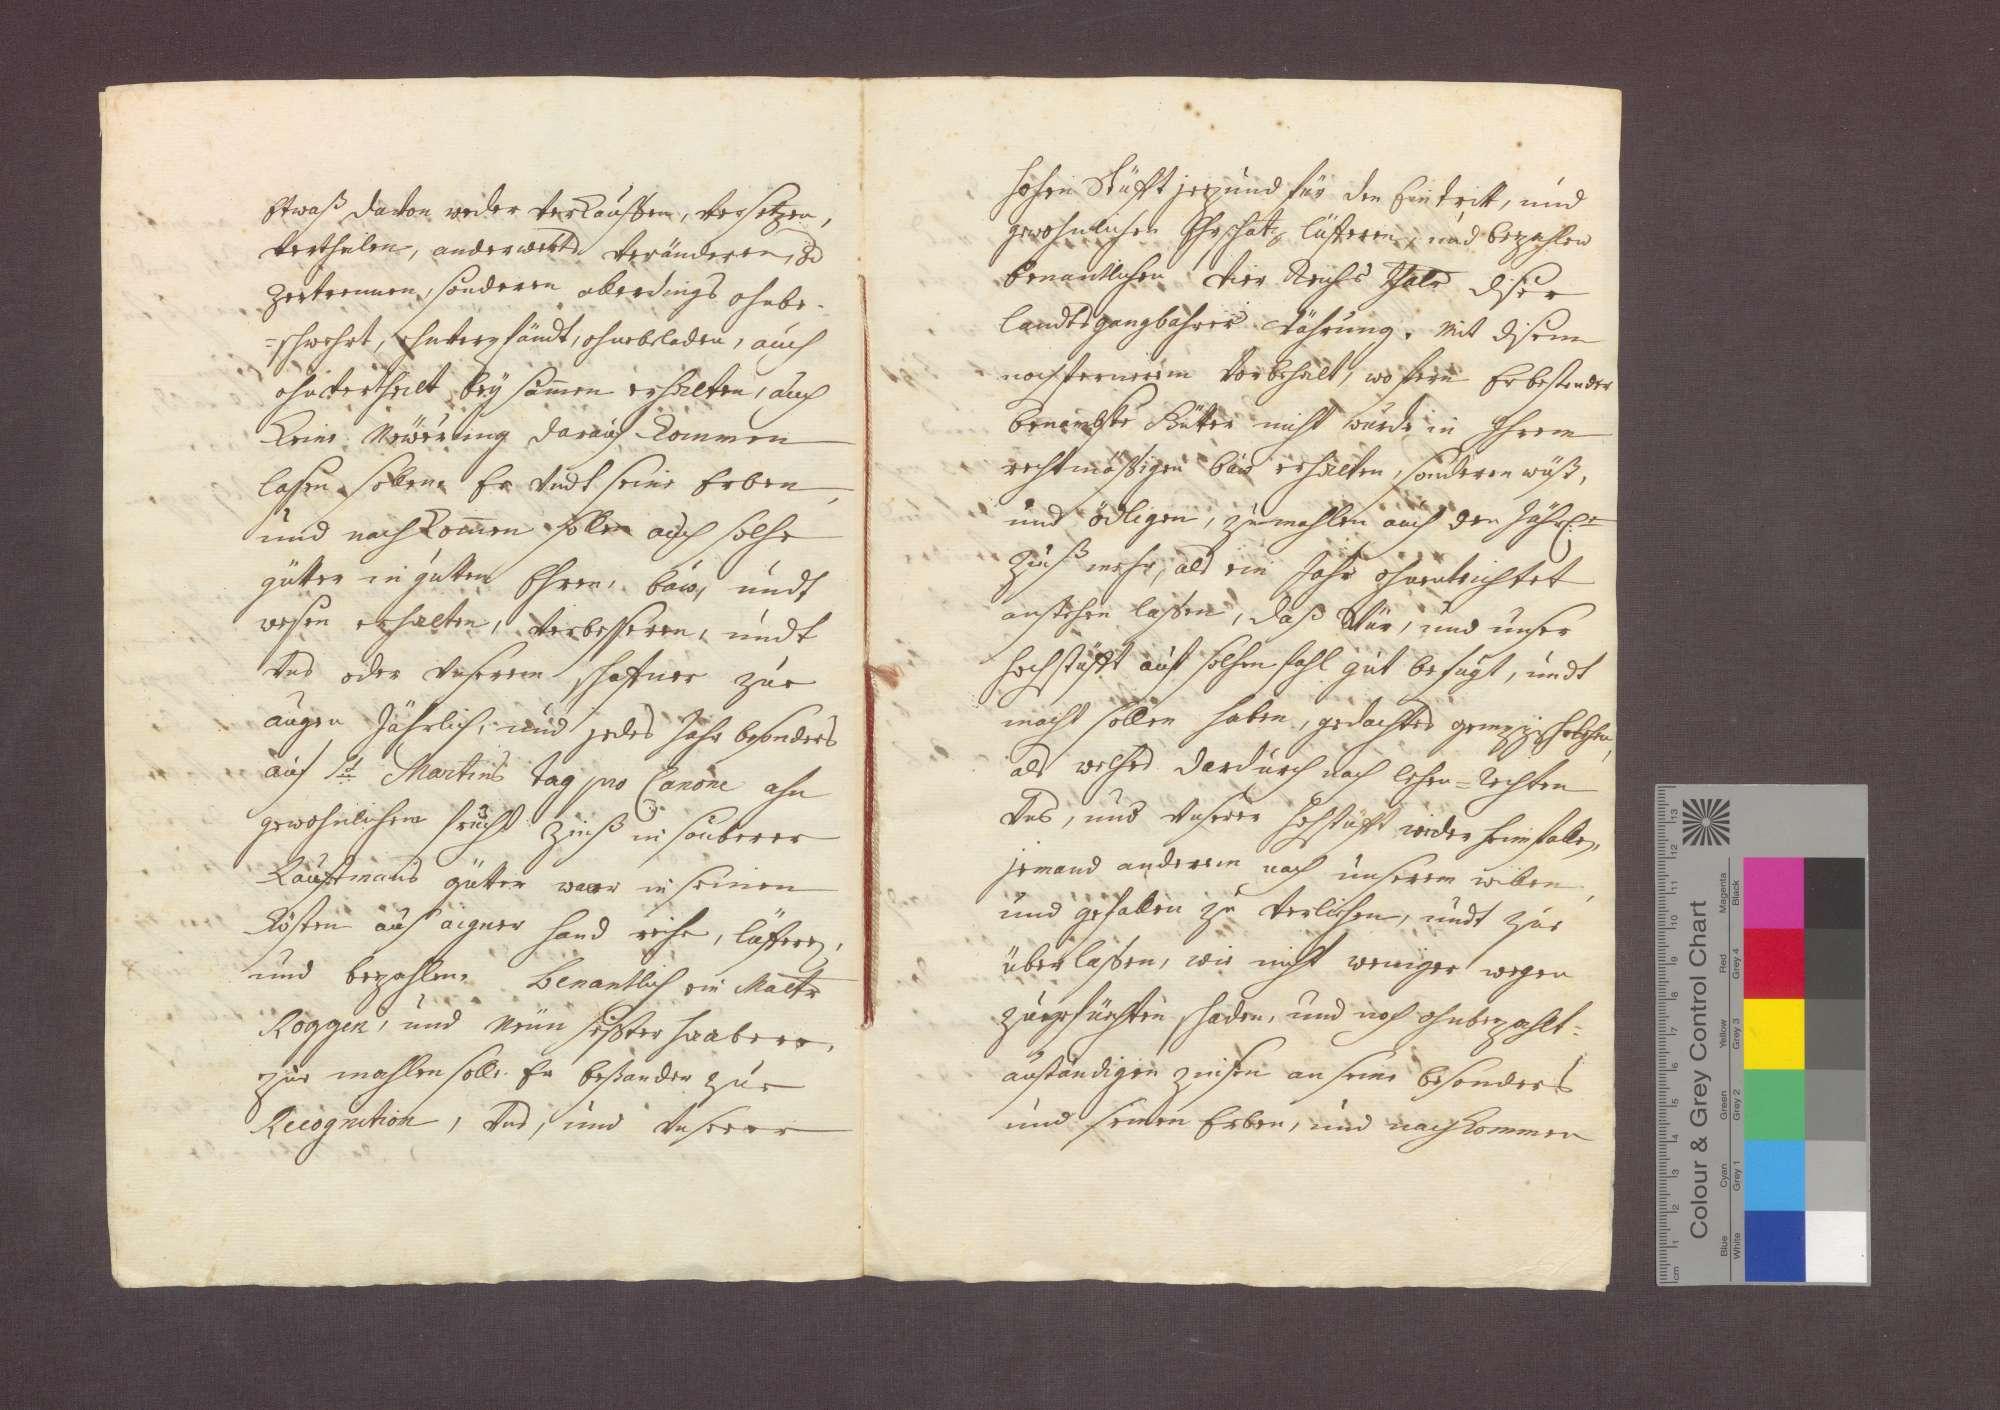 Lehnrevers des Philipp Josef Strobel namens des Josef Anton Blanck gegenüber dem Basler Domkapitel über ein Gut zu Steinenstadt., Bild 3